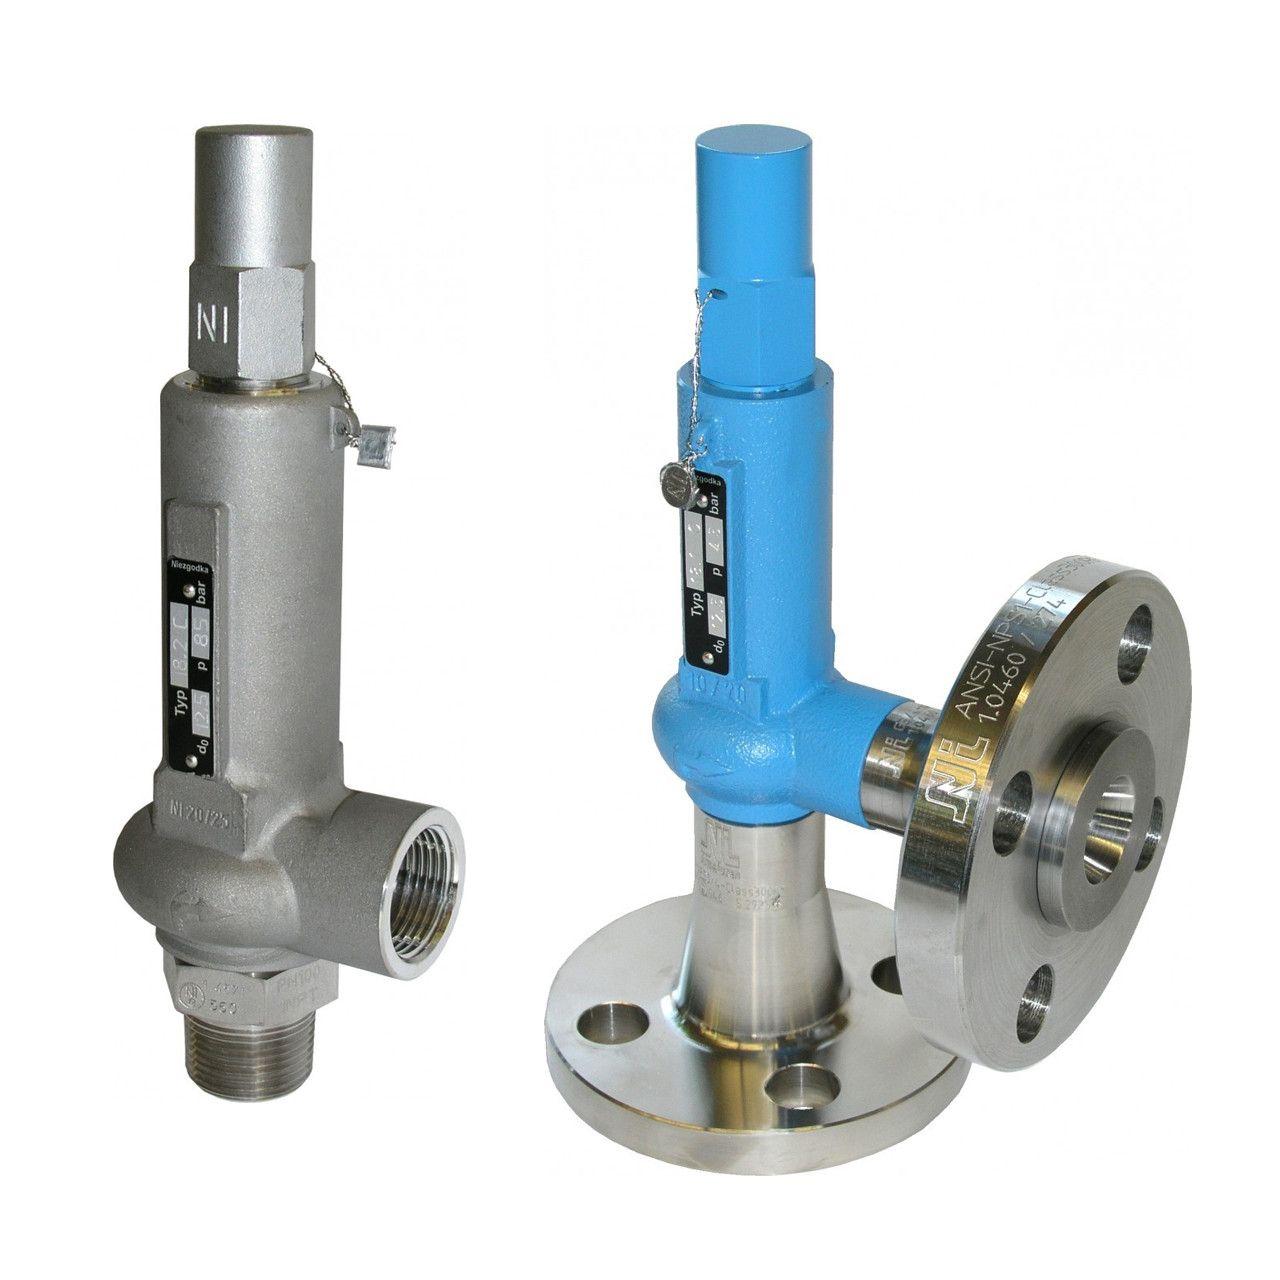 Niezgodka type 18 relief valve with images relief